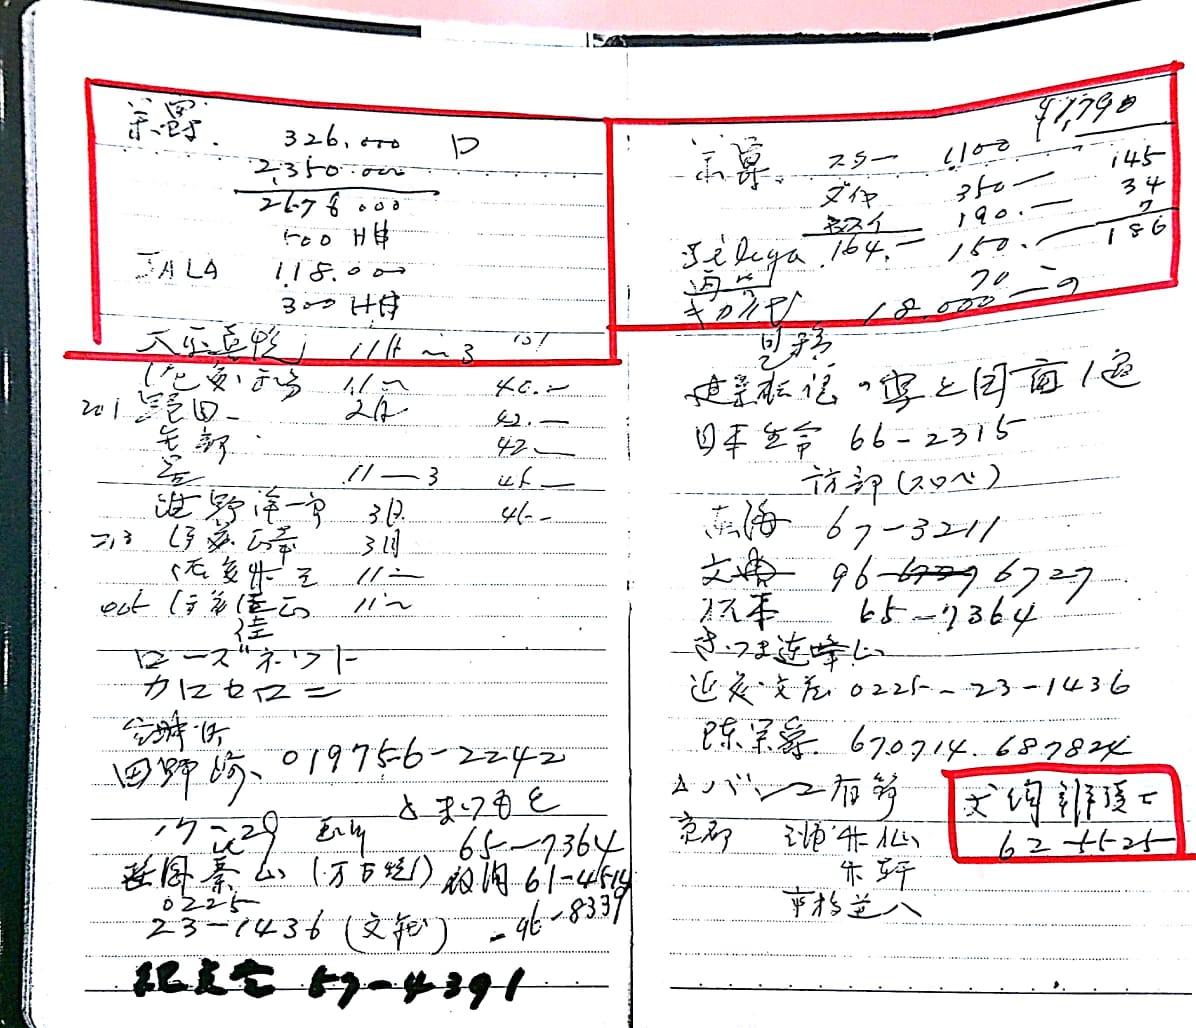 f:id:Tamagawa1928:20191121173516j:plain